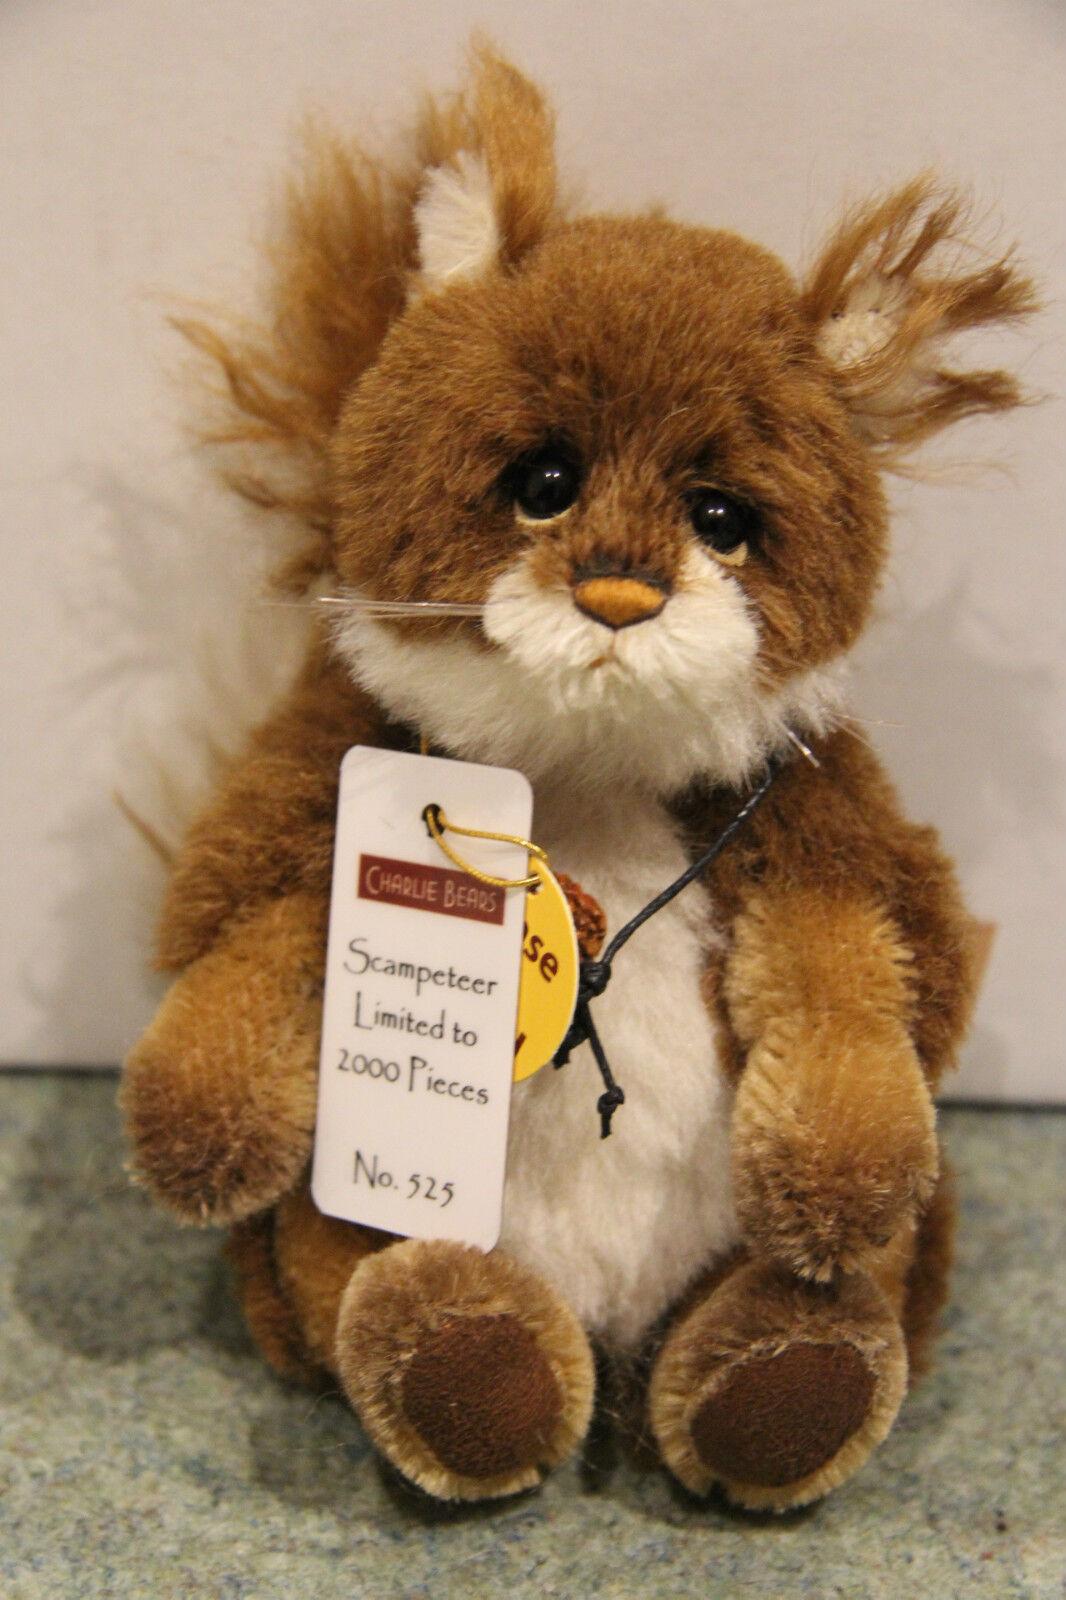 Charlie Bears - scampeteer Eichhörnchen - Minimo - NEU mit Etikett